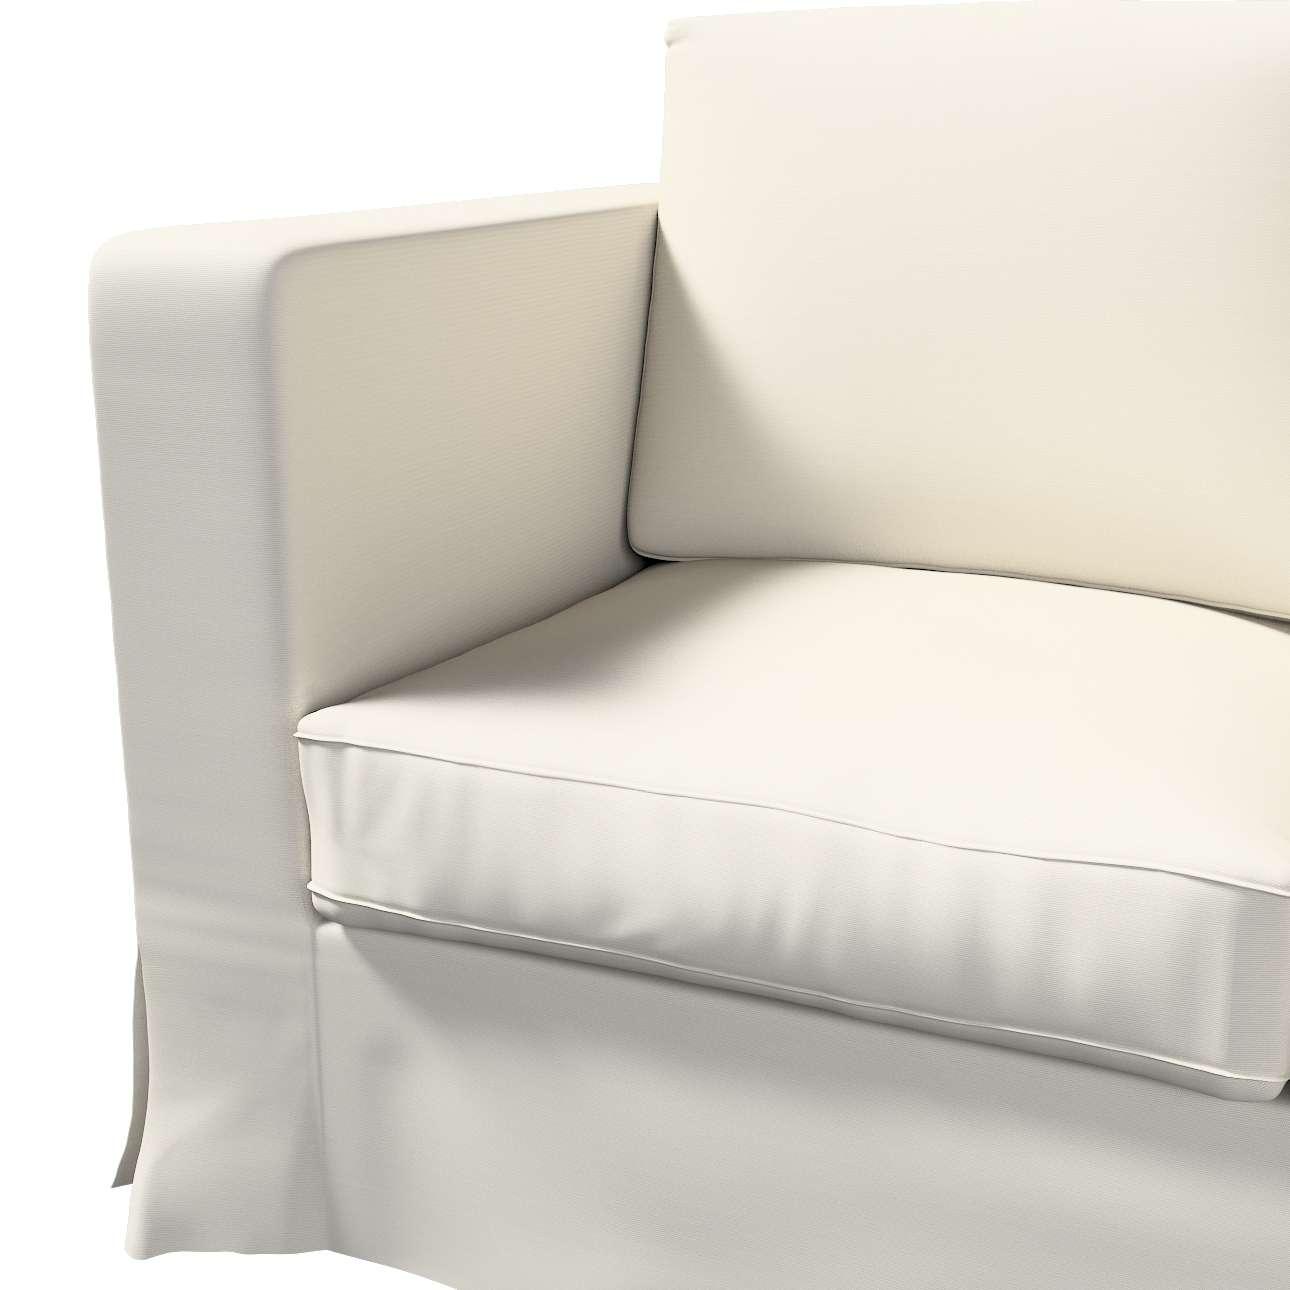 Bezug für Karlanda 3-Sitzer Sofa nicht ausklappbar, lang von der Kollektion Cotton Panama, Stoff: 702-31